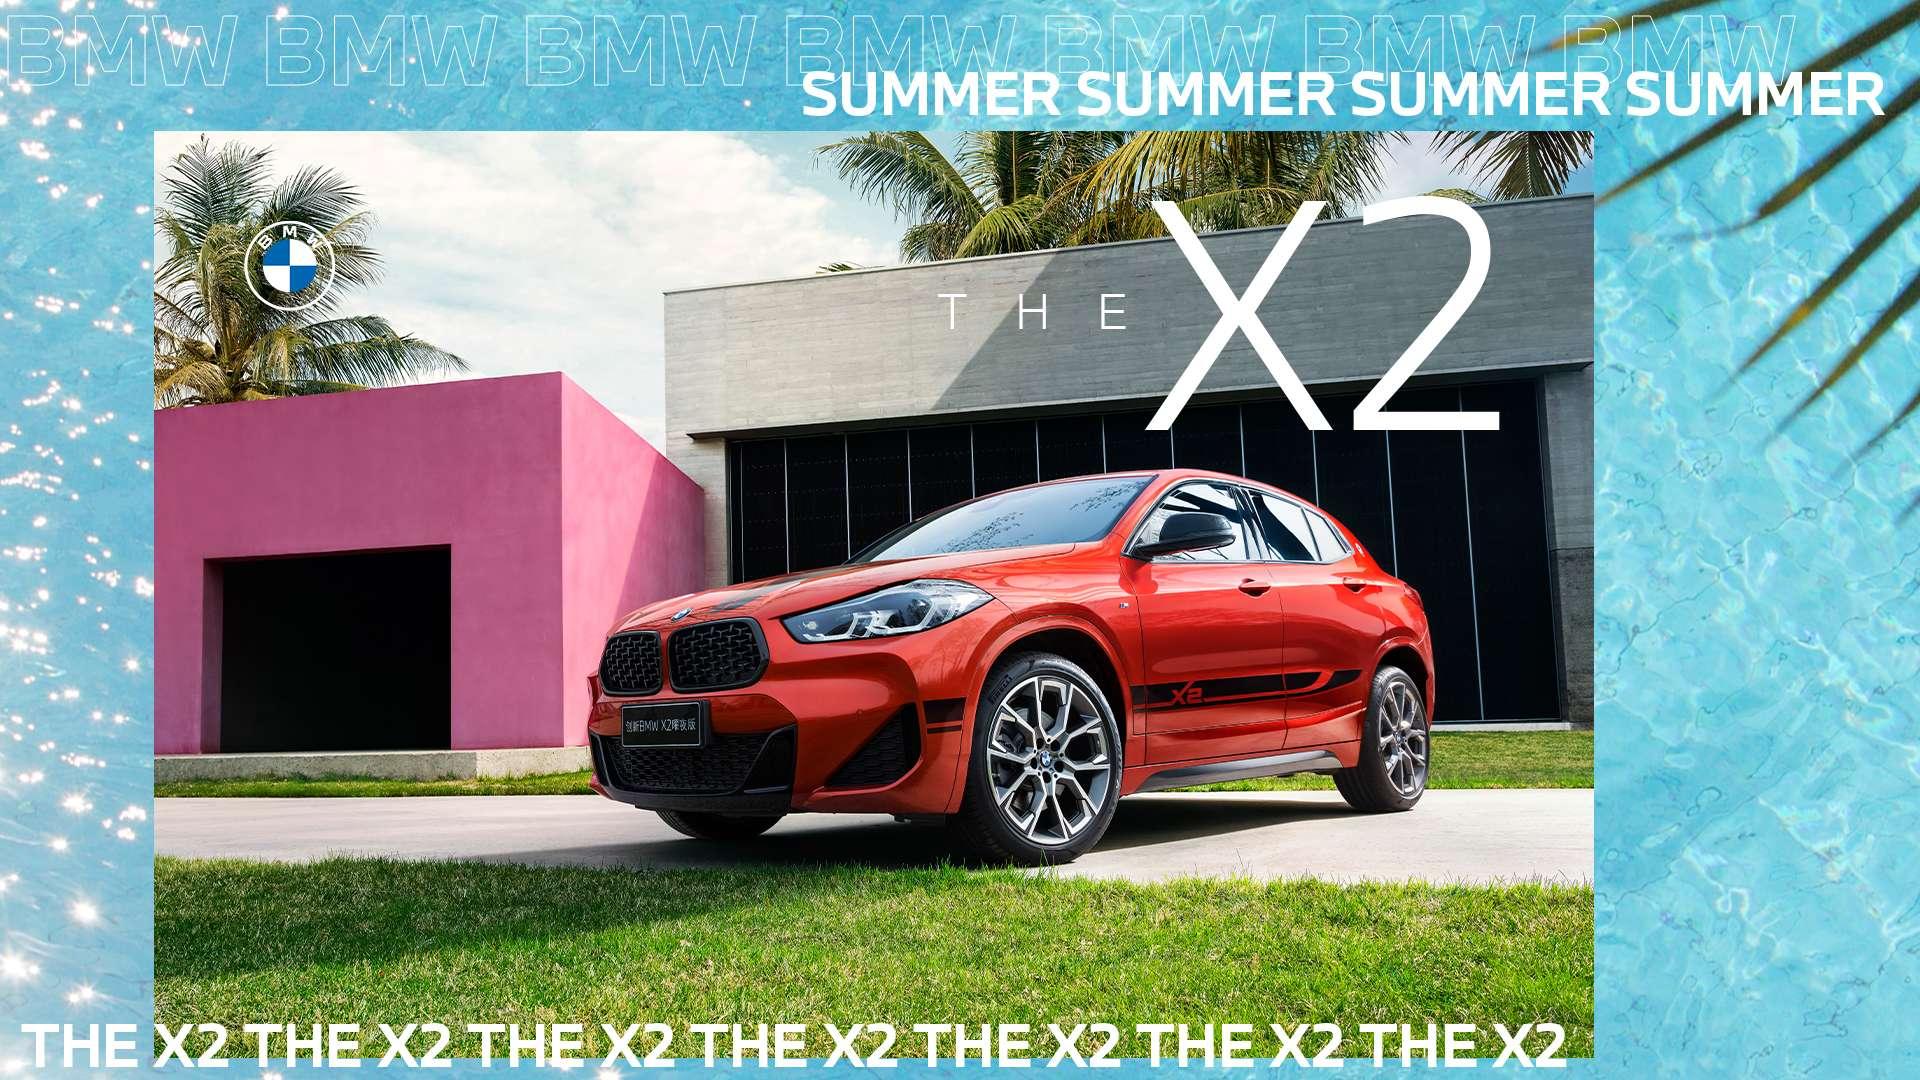 元气空间 爱在盛夏 BMW父亲节特惠放肆购!